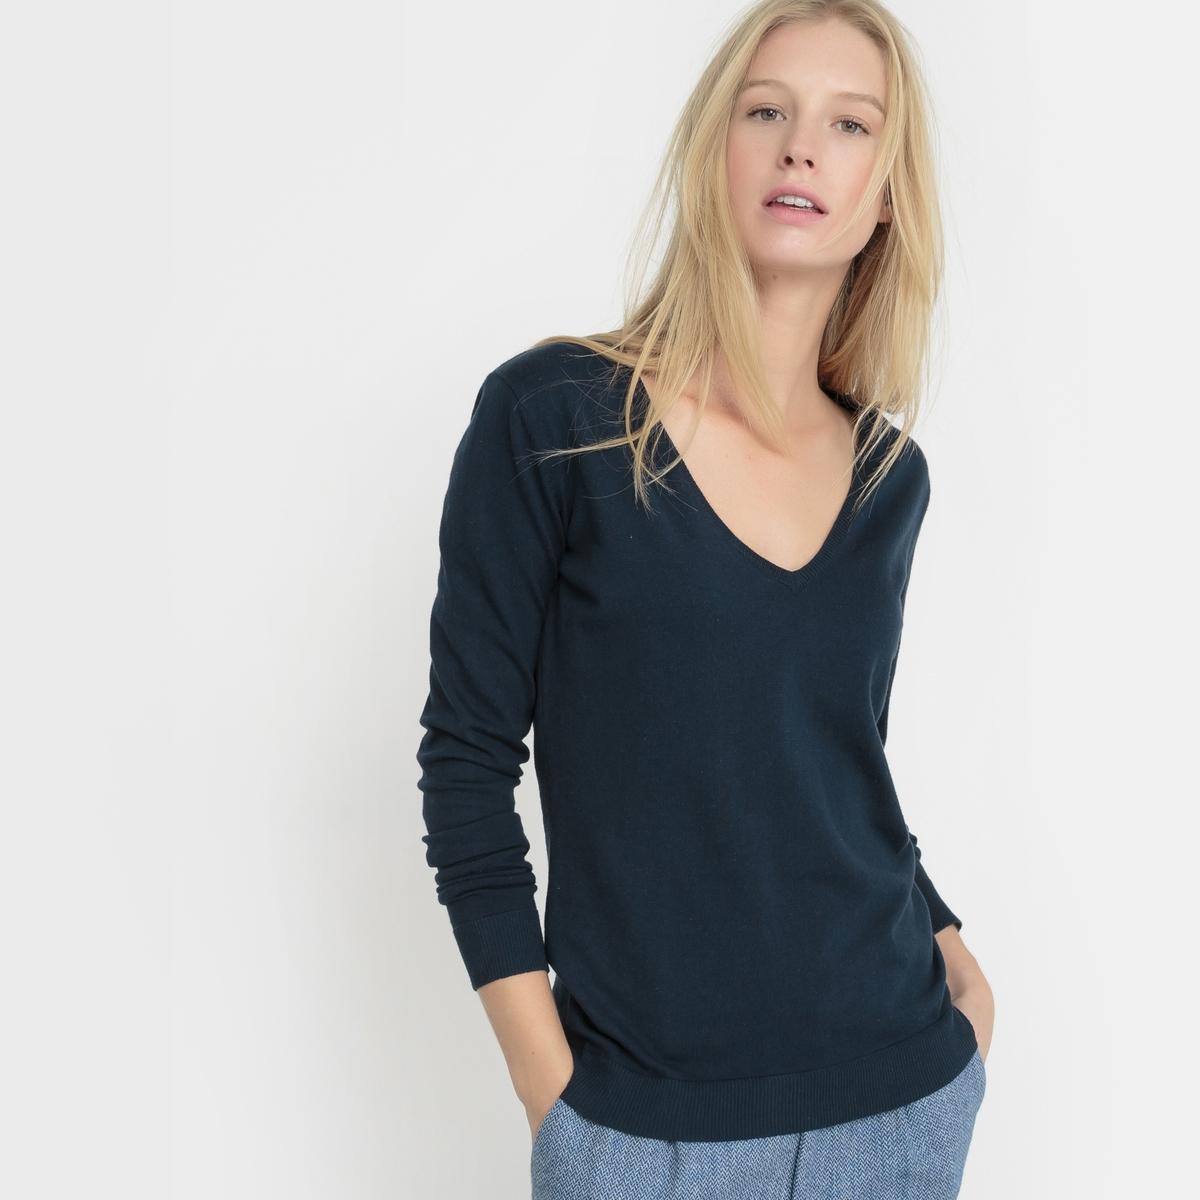 Пуловер с V-образным вырезомСостав и описание: Материал: 83% хлопка, 17% полиамида.Длина: 62 см.Марка: R ?dition.Уход:Машинная стирка при 30°C.<br><br>Цвет: синий морской,черный